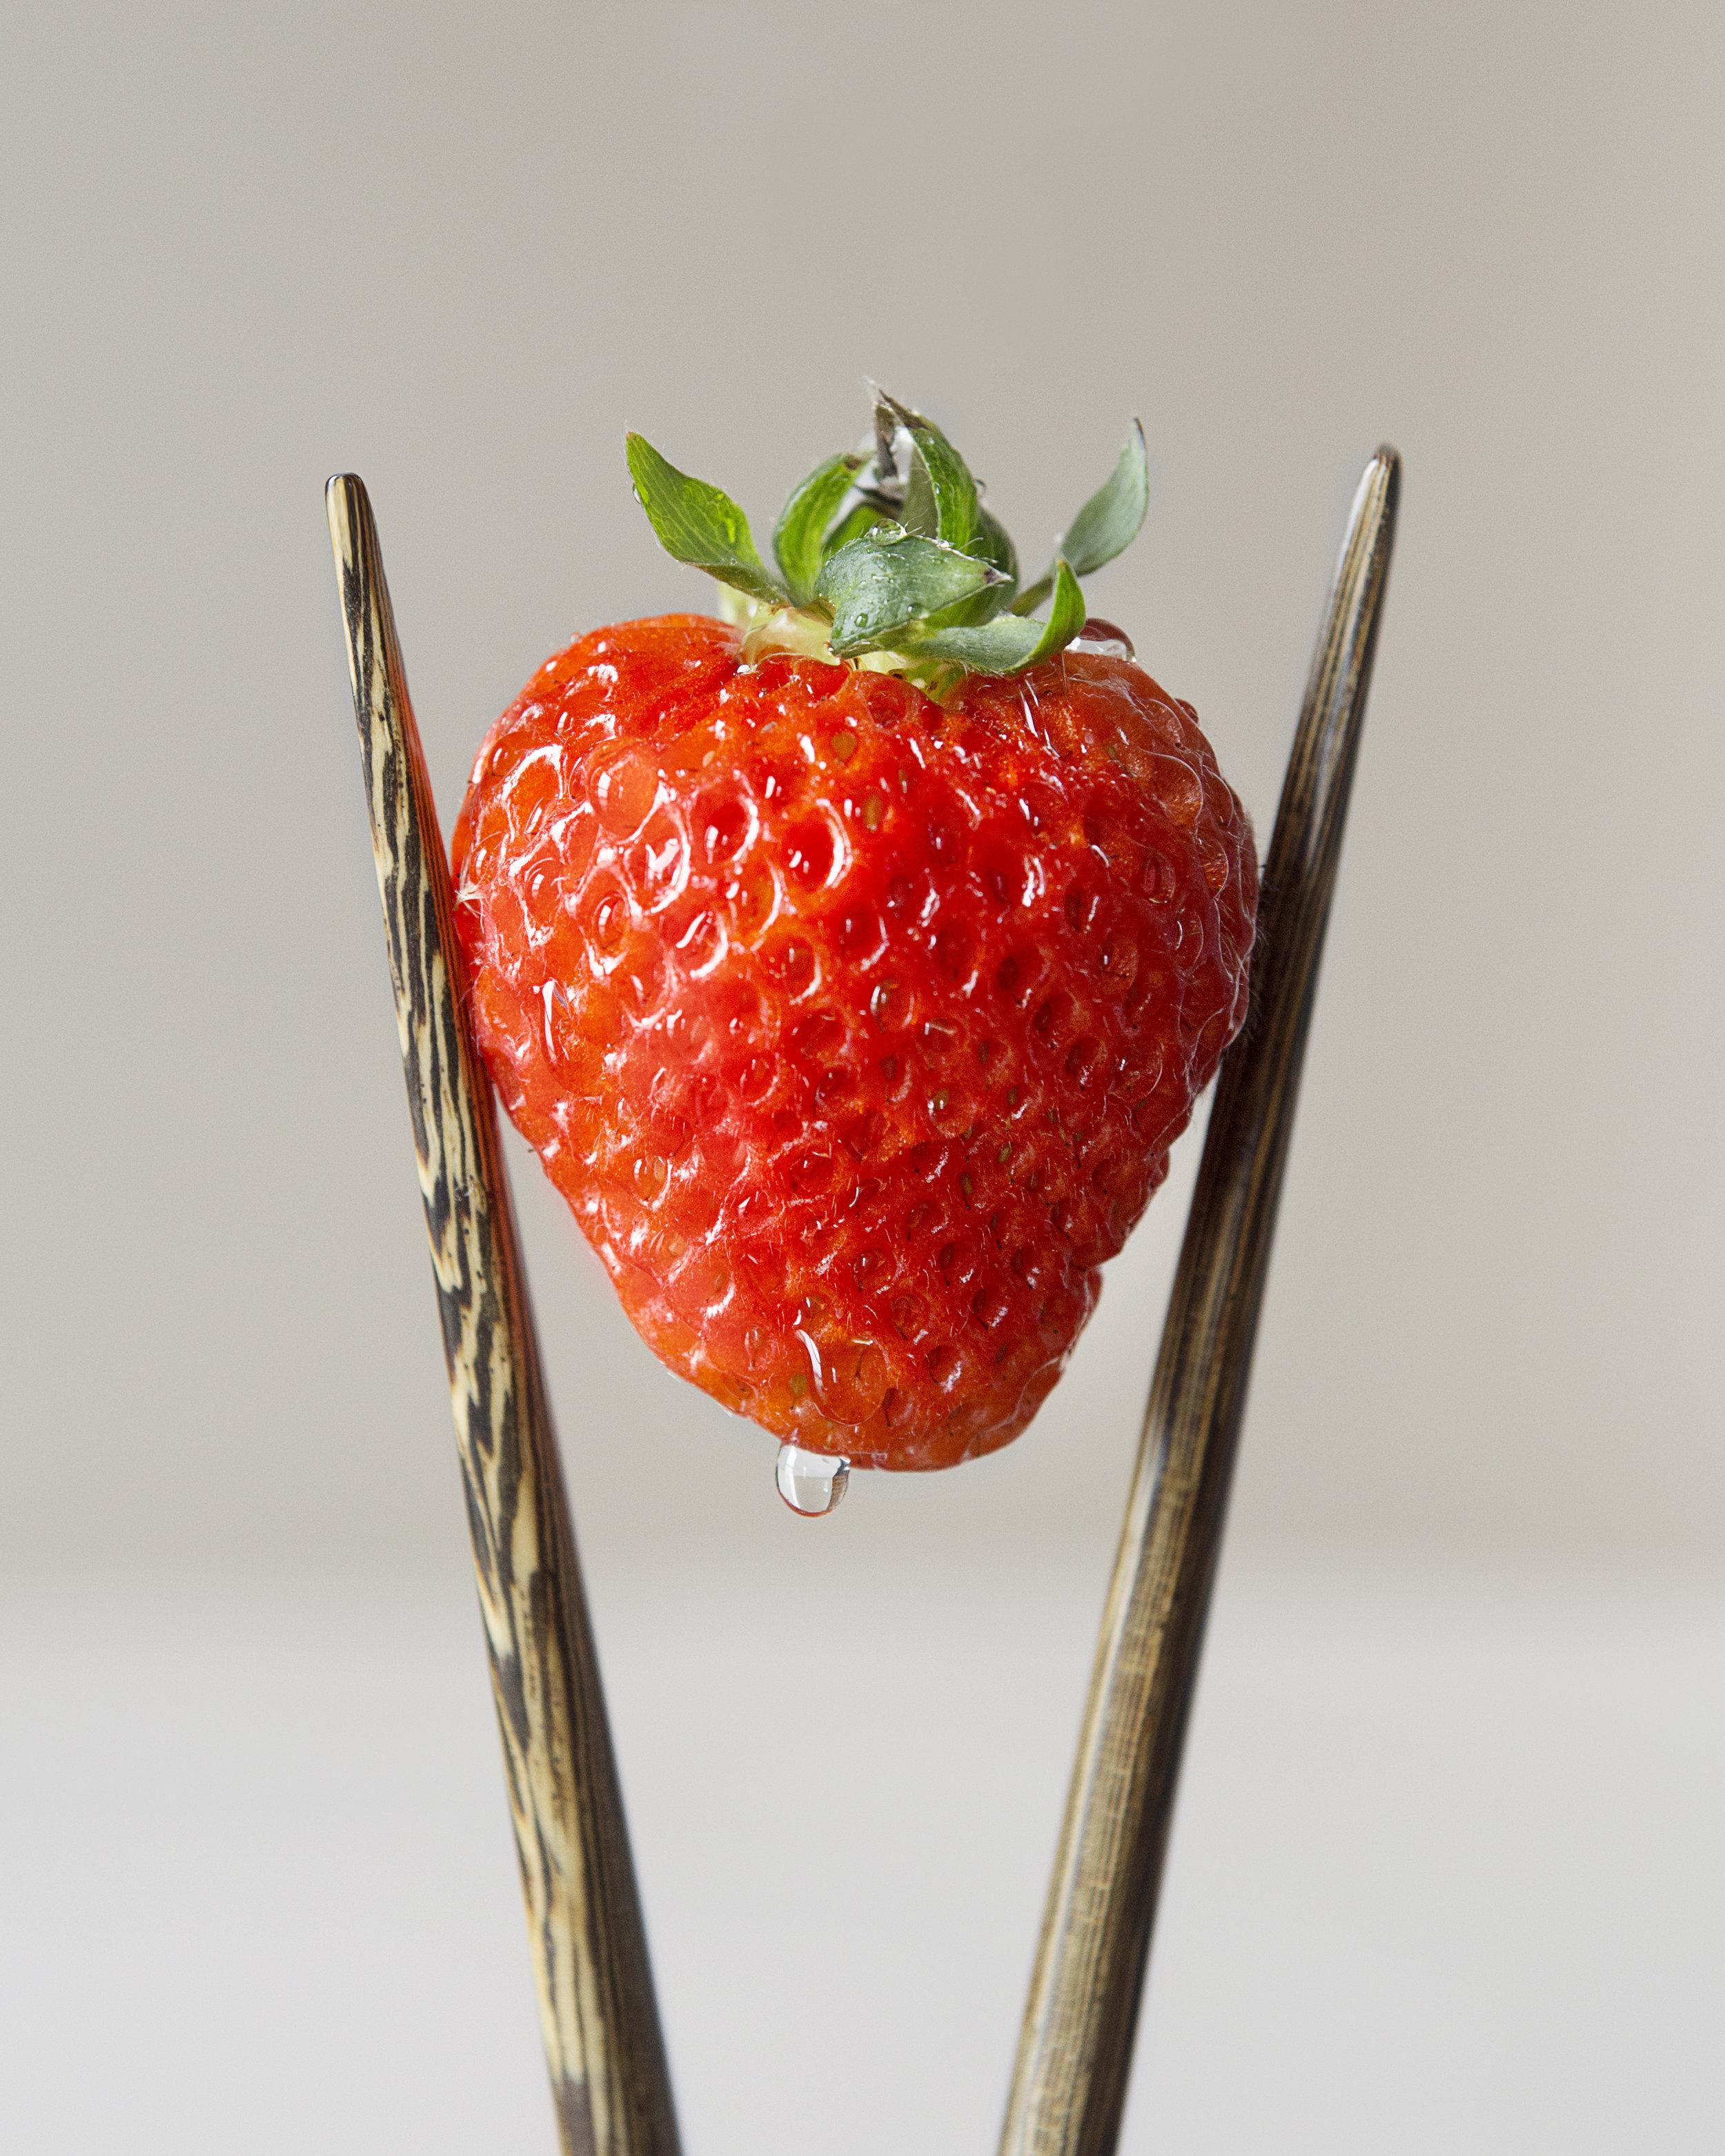 oishii-omakase-berry-1